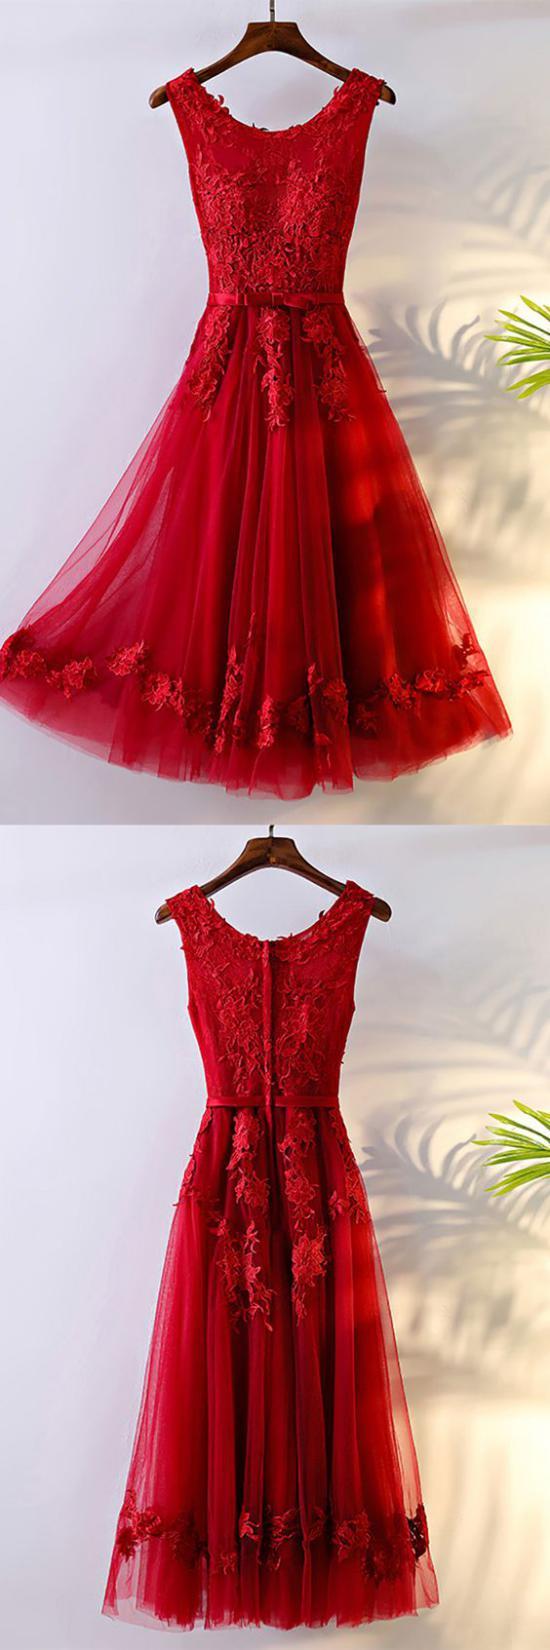 مدل لباس شب قرمز 2018 مجلسی مخصوص خانم های باکلاس